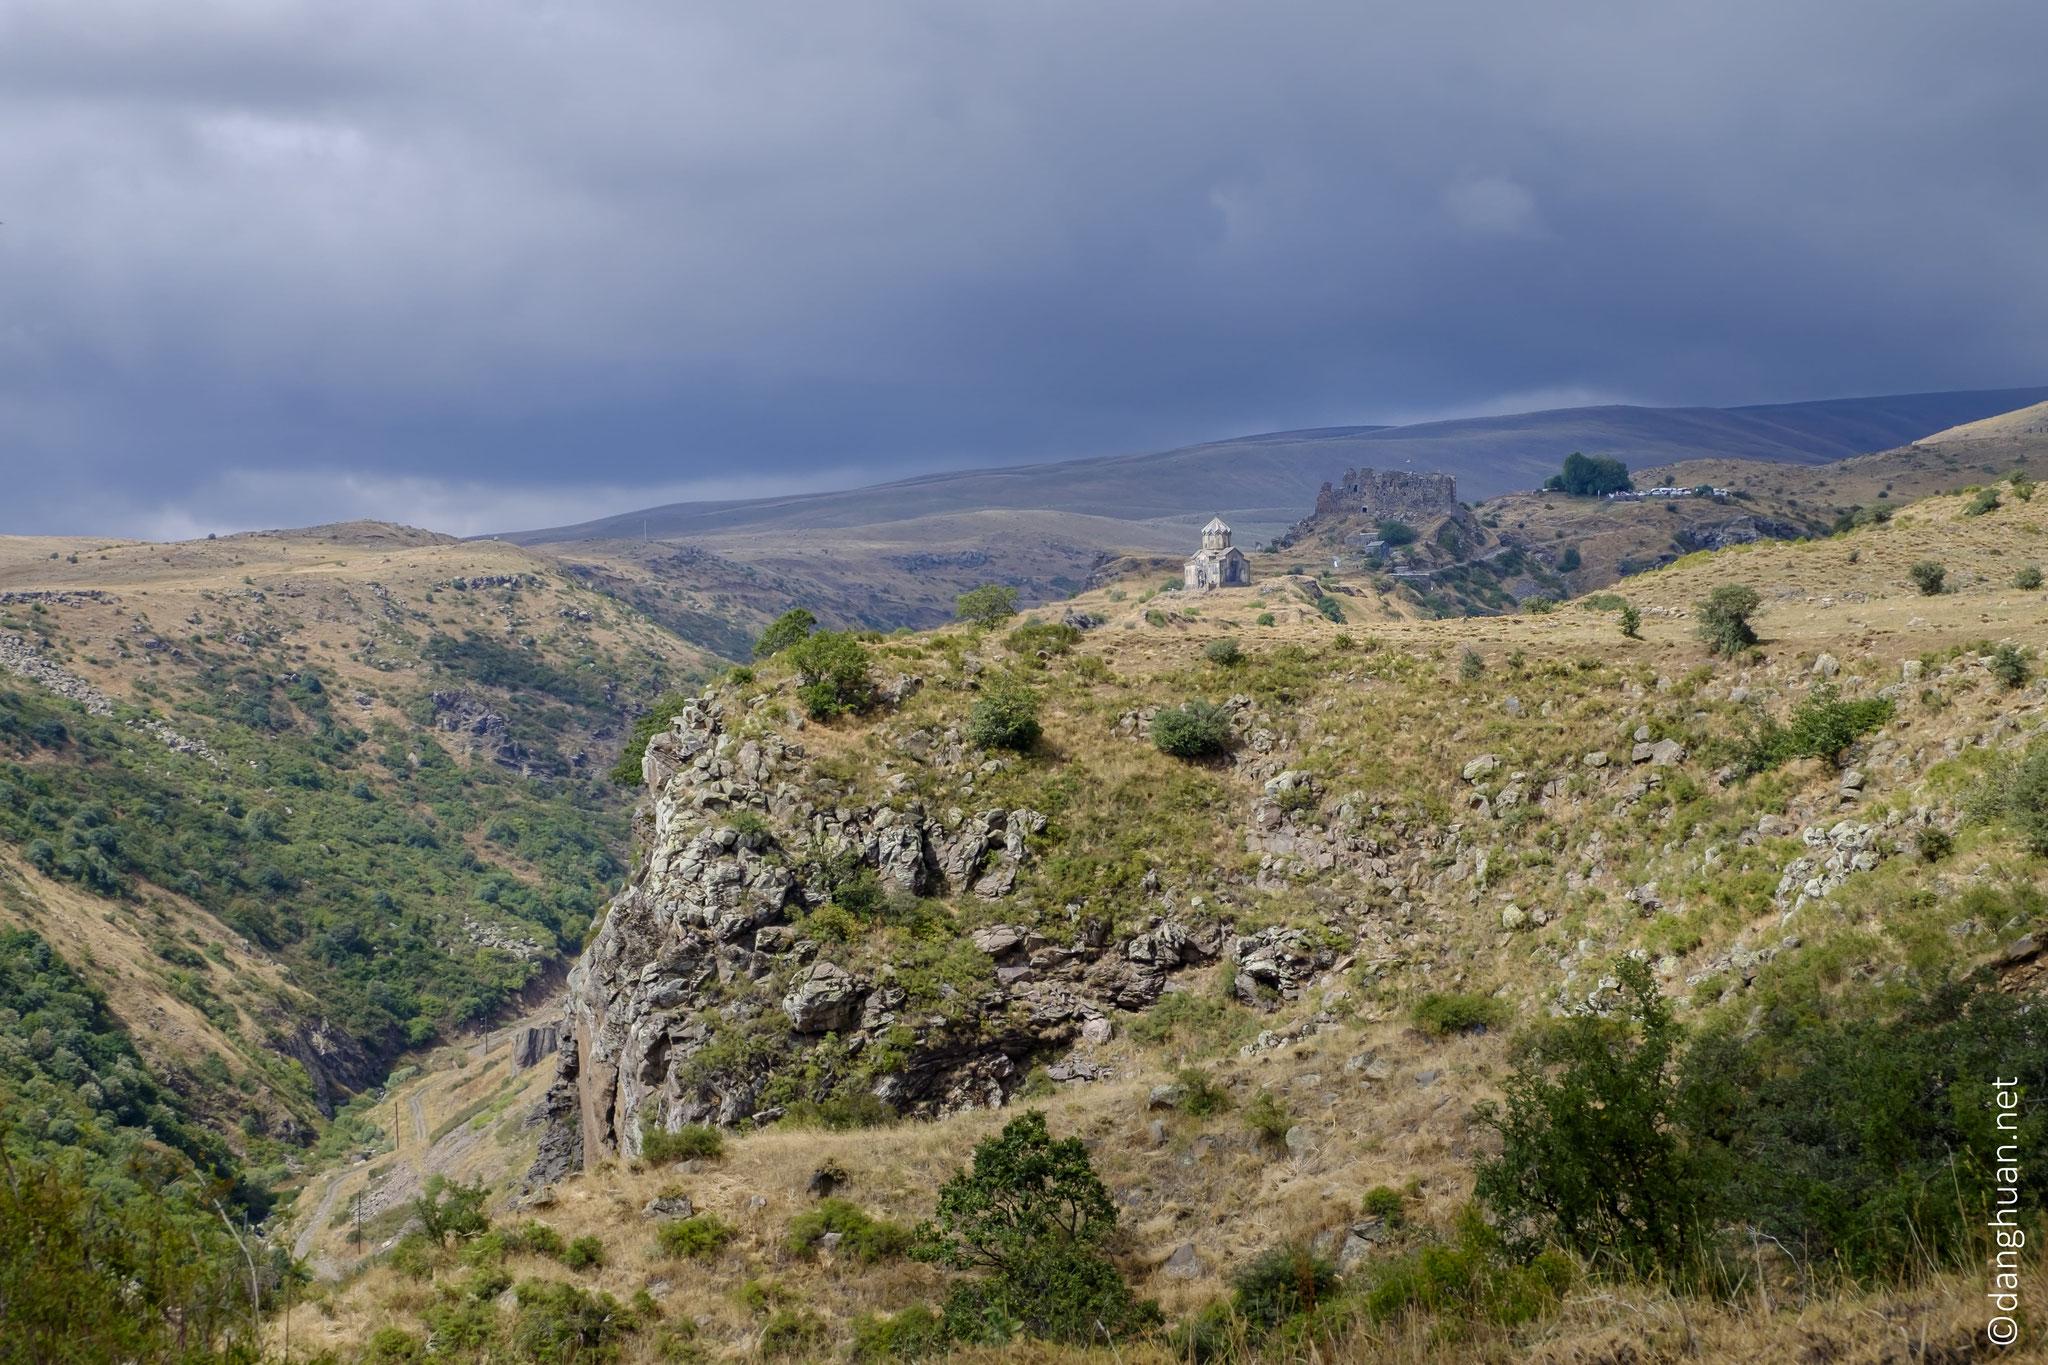 ... Des deux côtés, le rocher s'enfonce vers les gorges des rivières Amberd et Arkachen...